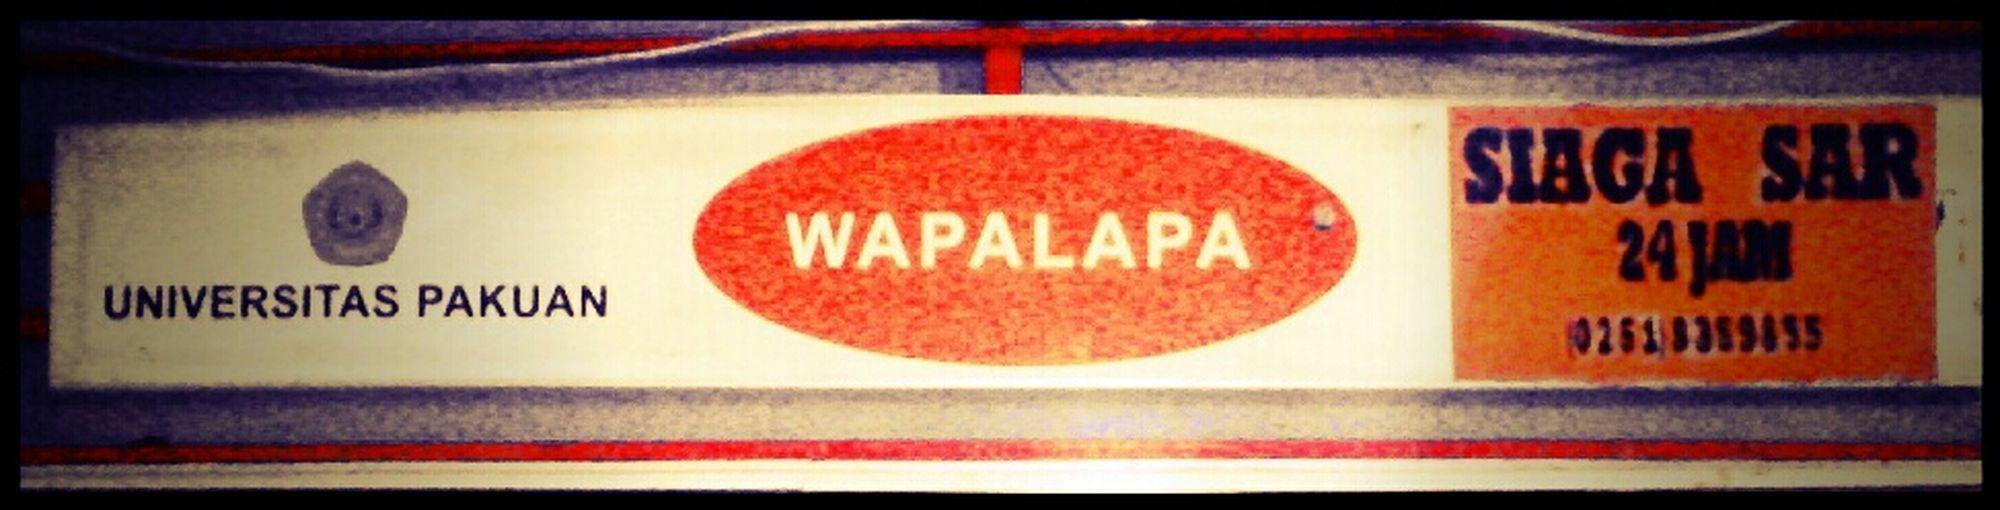 University Of Pakuan Bogor @ WAPALAPA